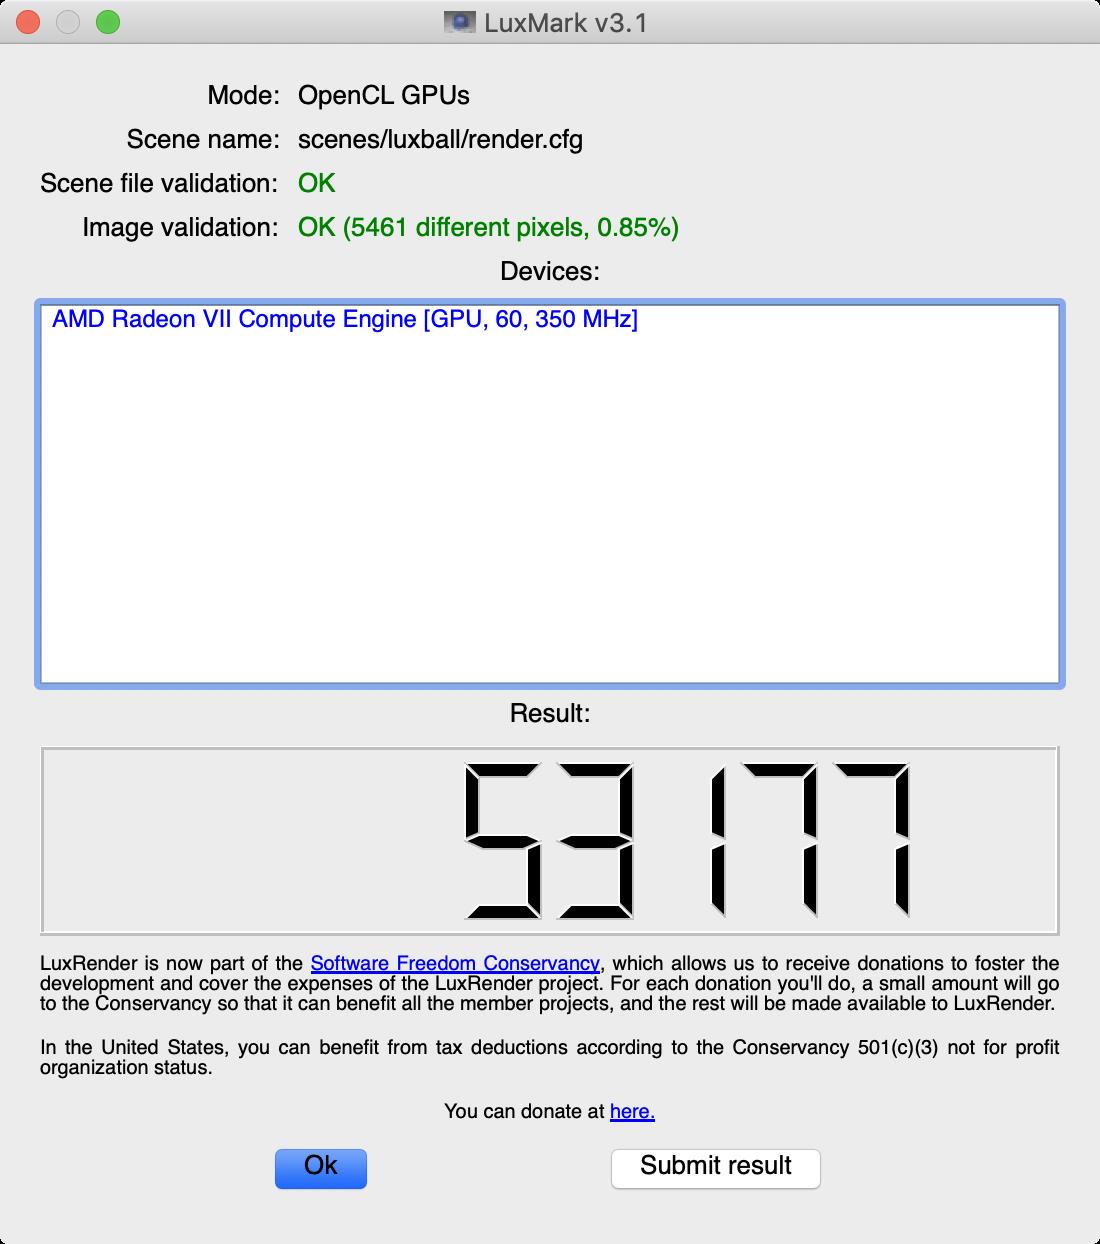 Screenshot 2019-08-24 at 4.29.33 AM.png